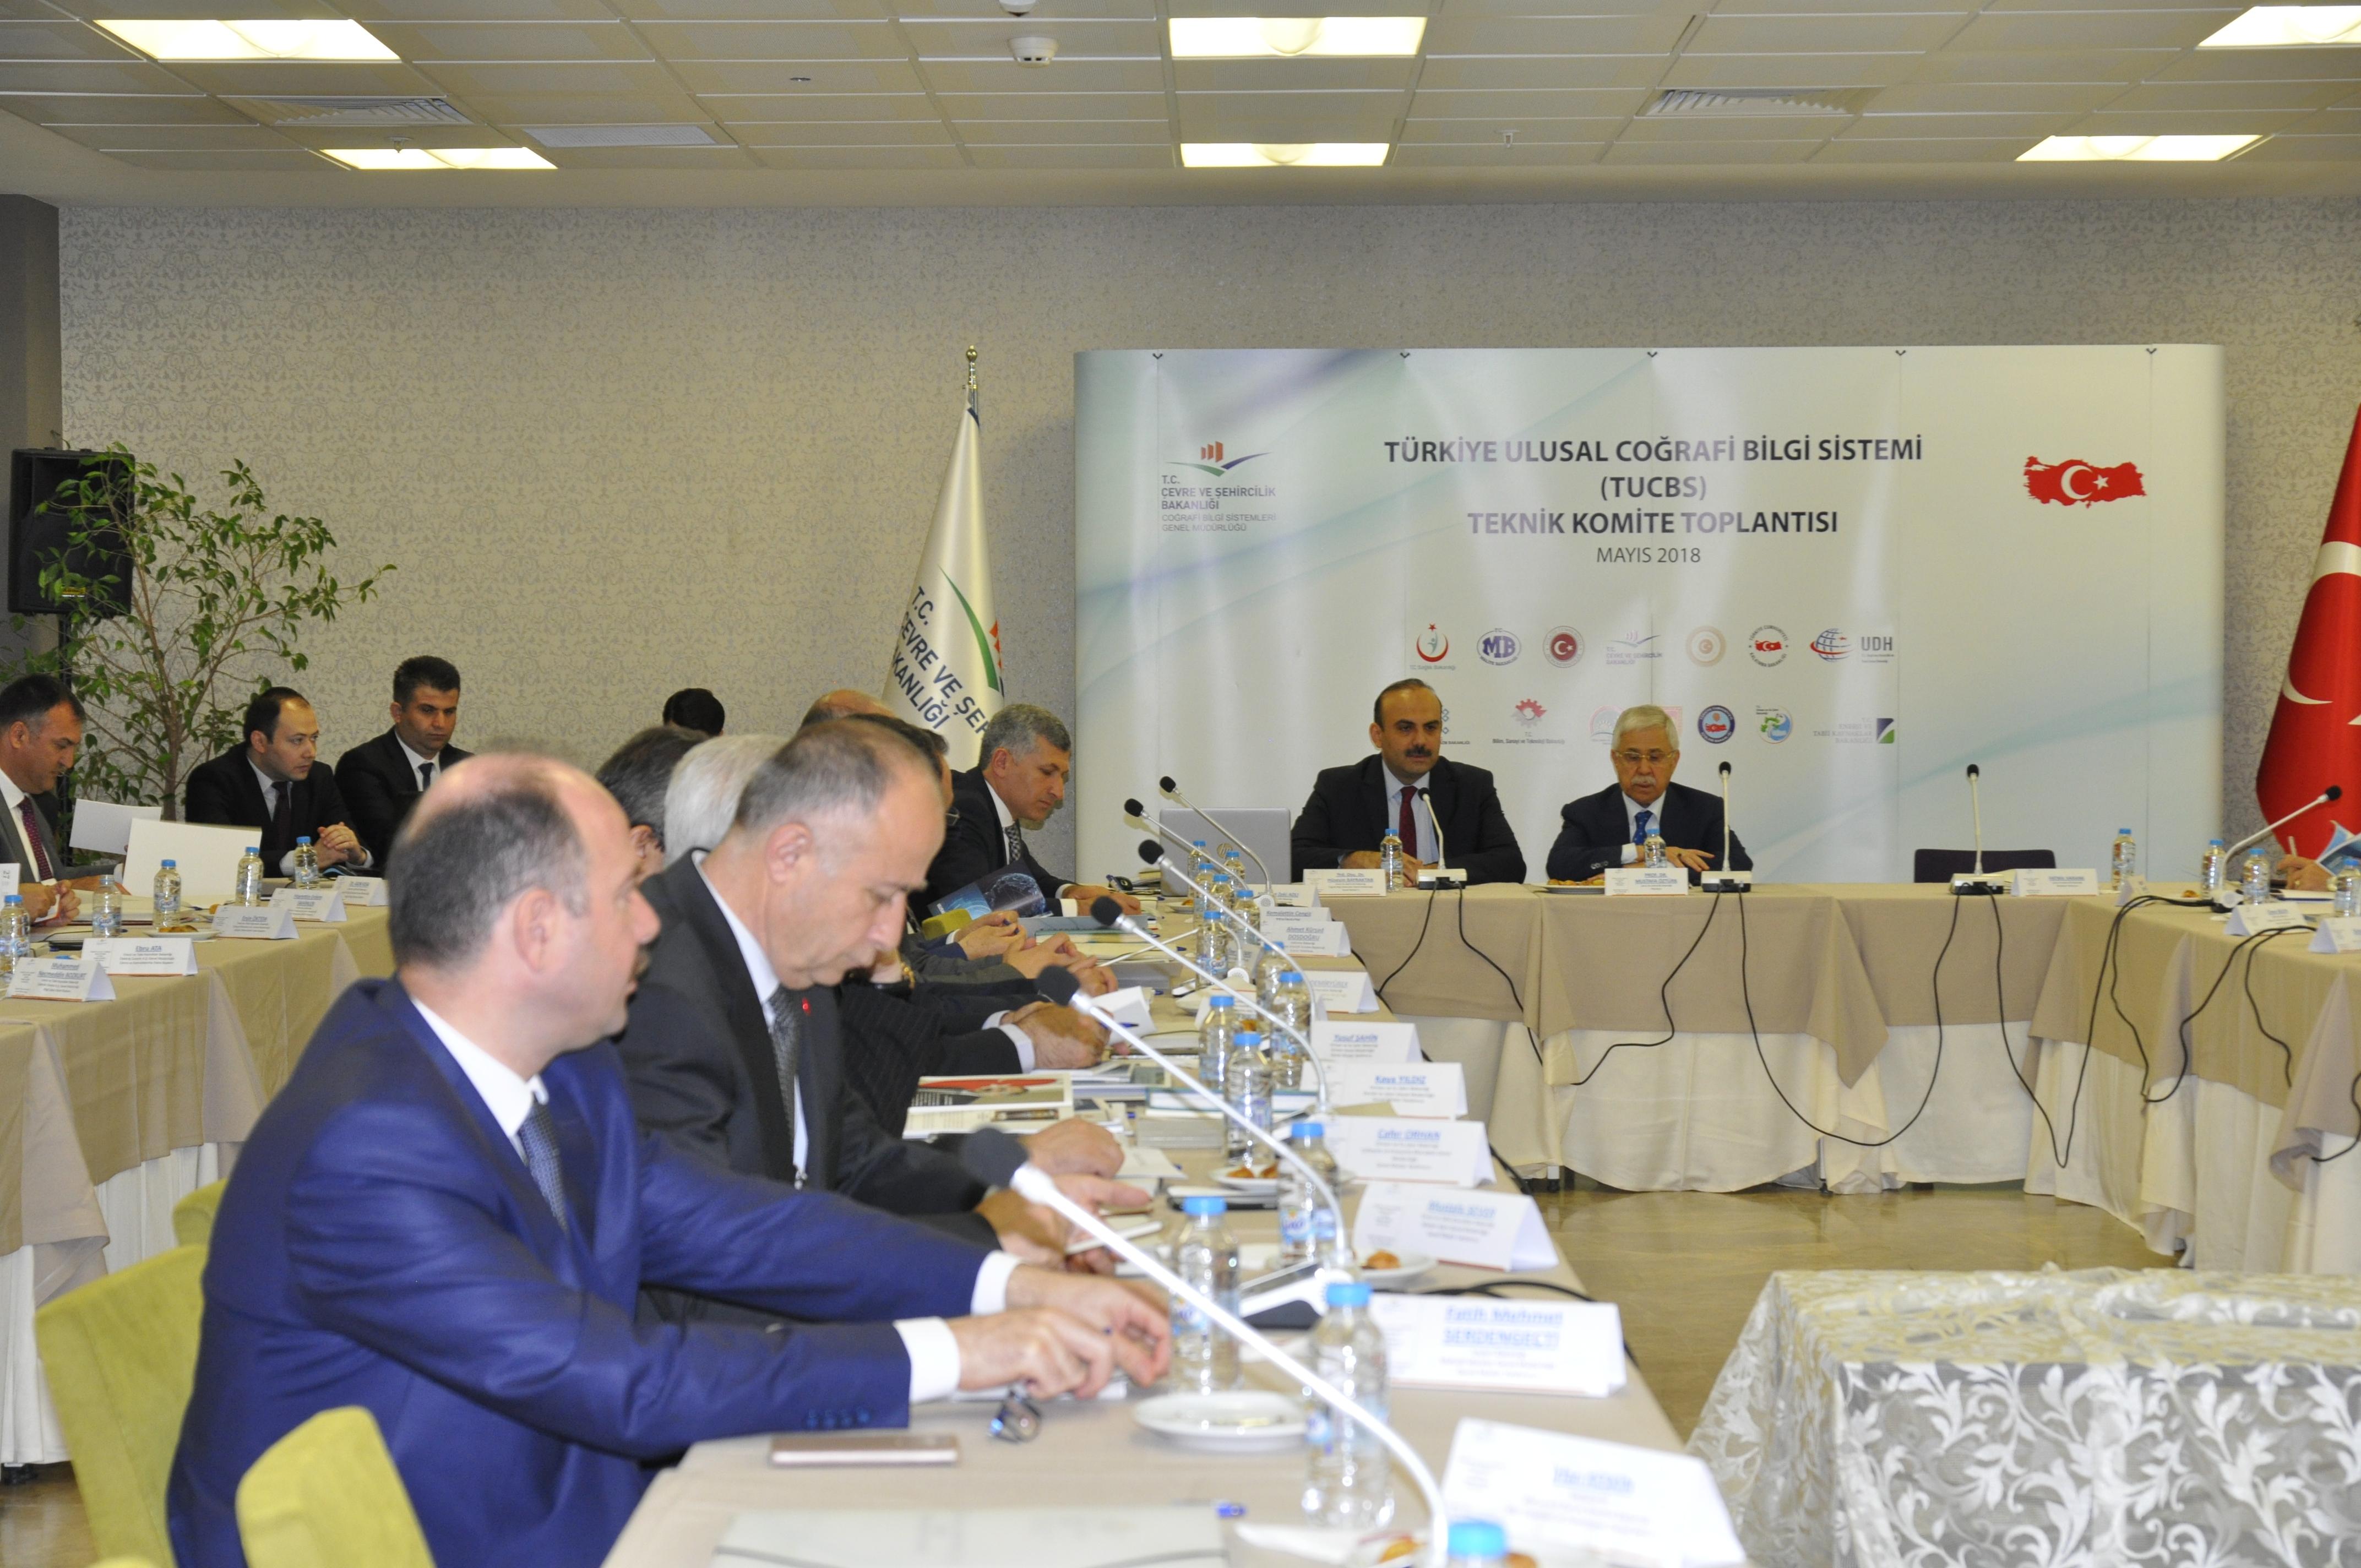 Türkiye Ulusal Coğrafi Bilgi Sistemi (TUCBS)  Teknik Komite Toplantısı Yapıldı.